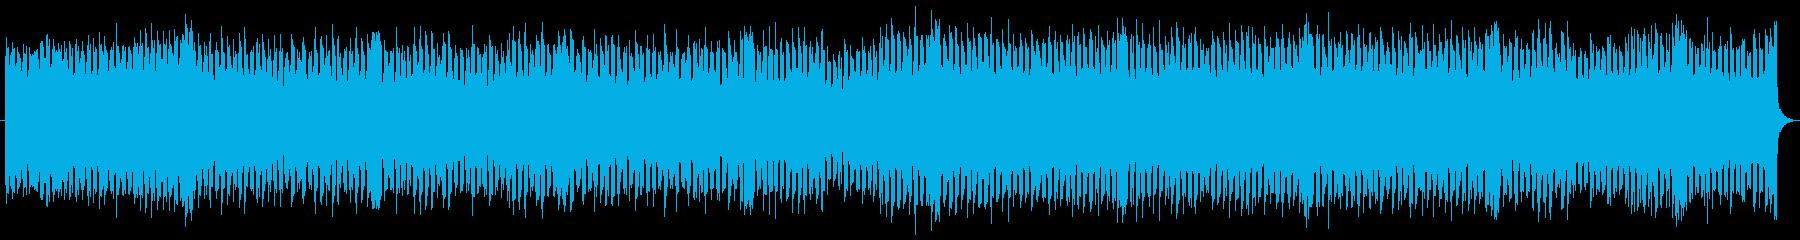 スペース感のあるピアノのハウス系ダンス曲の再生済みの波形